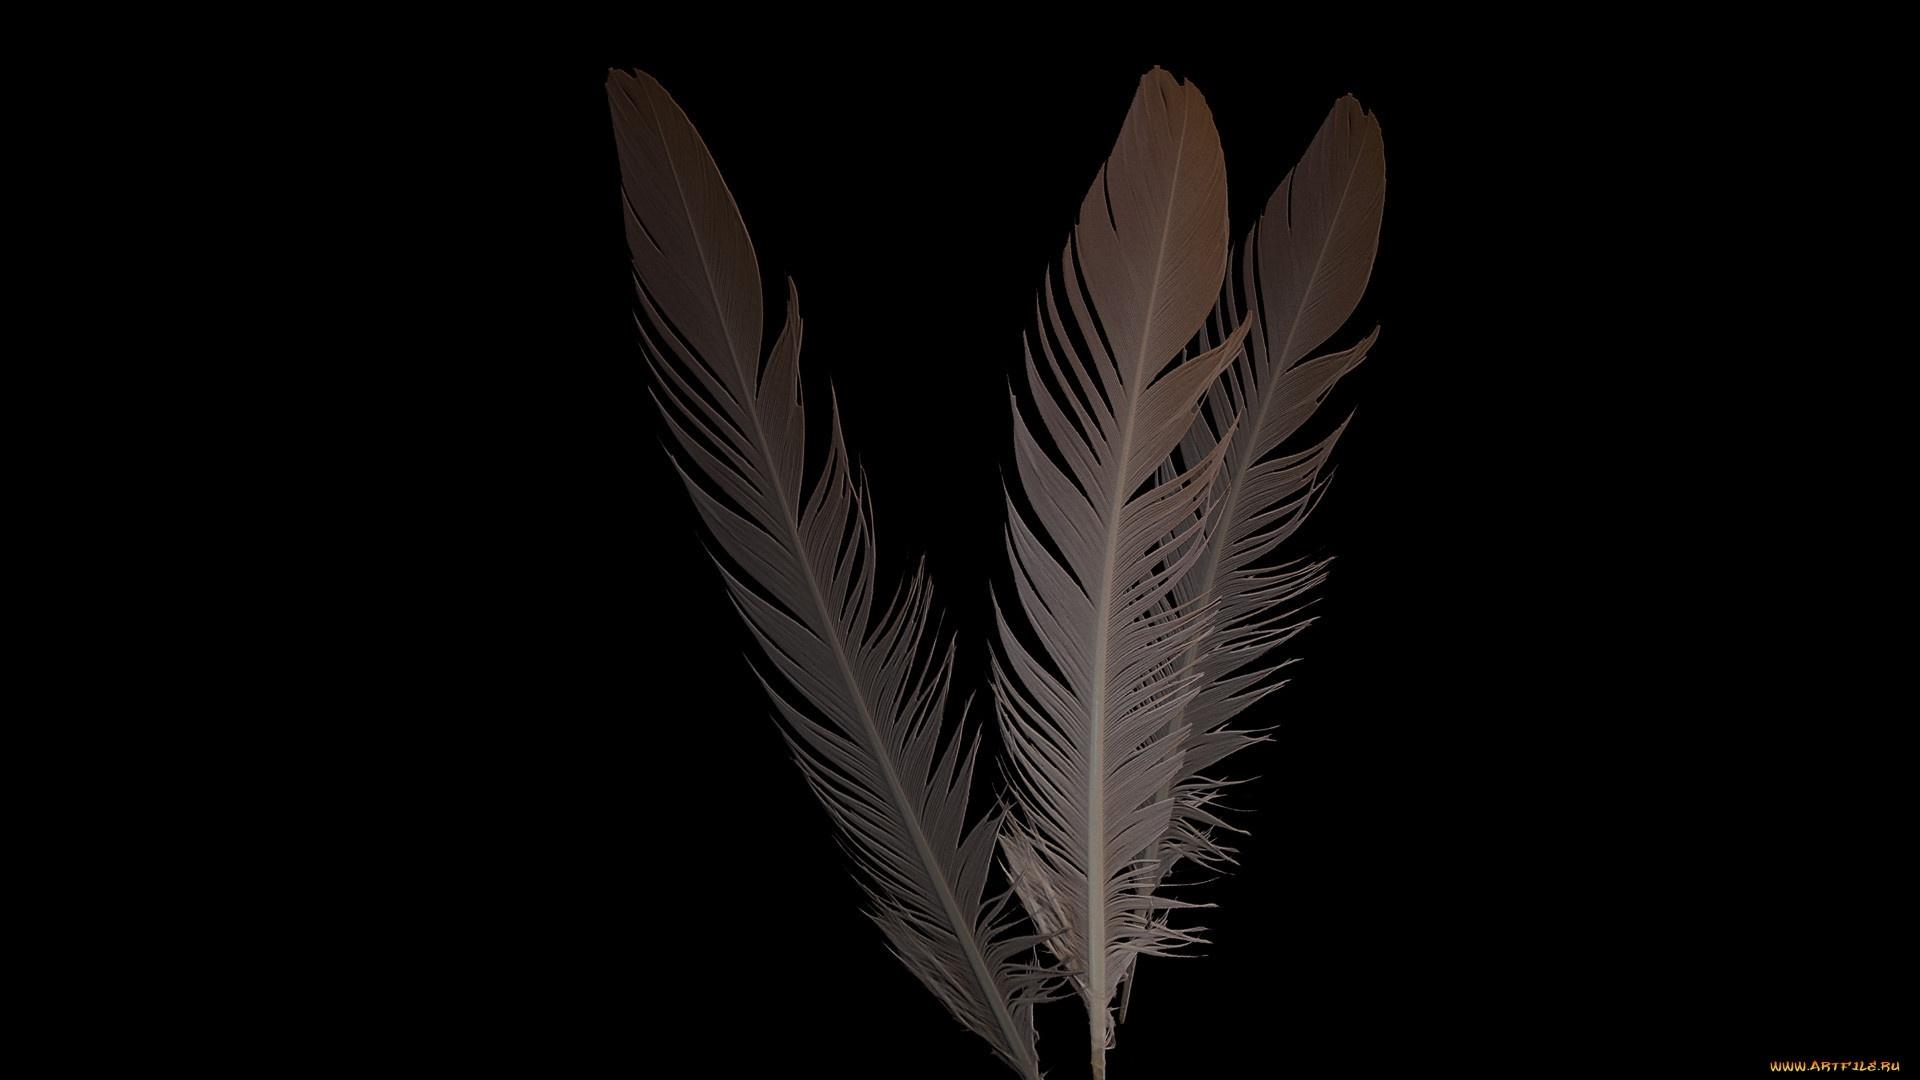 Bird Feather Desktop Wallpaper